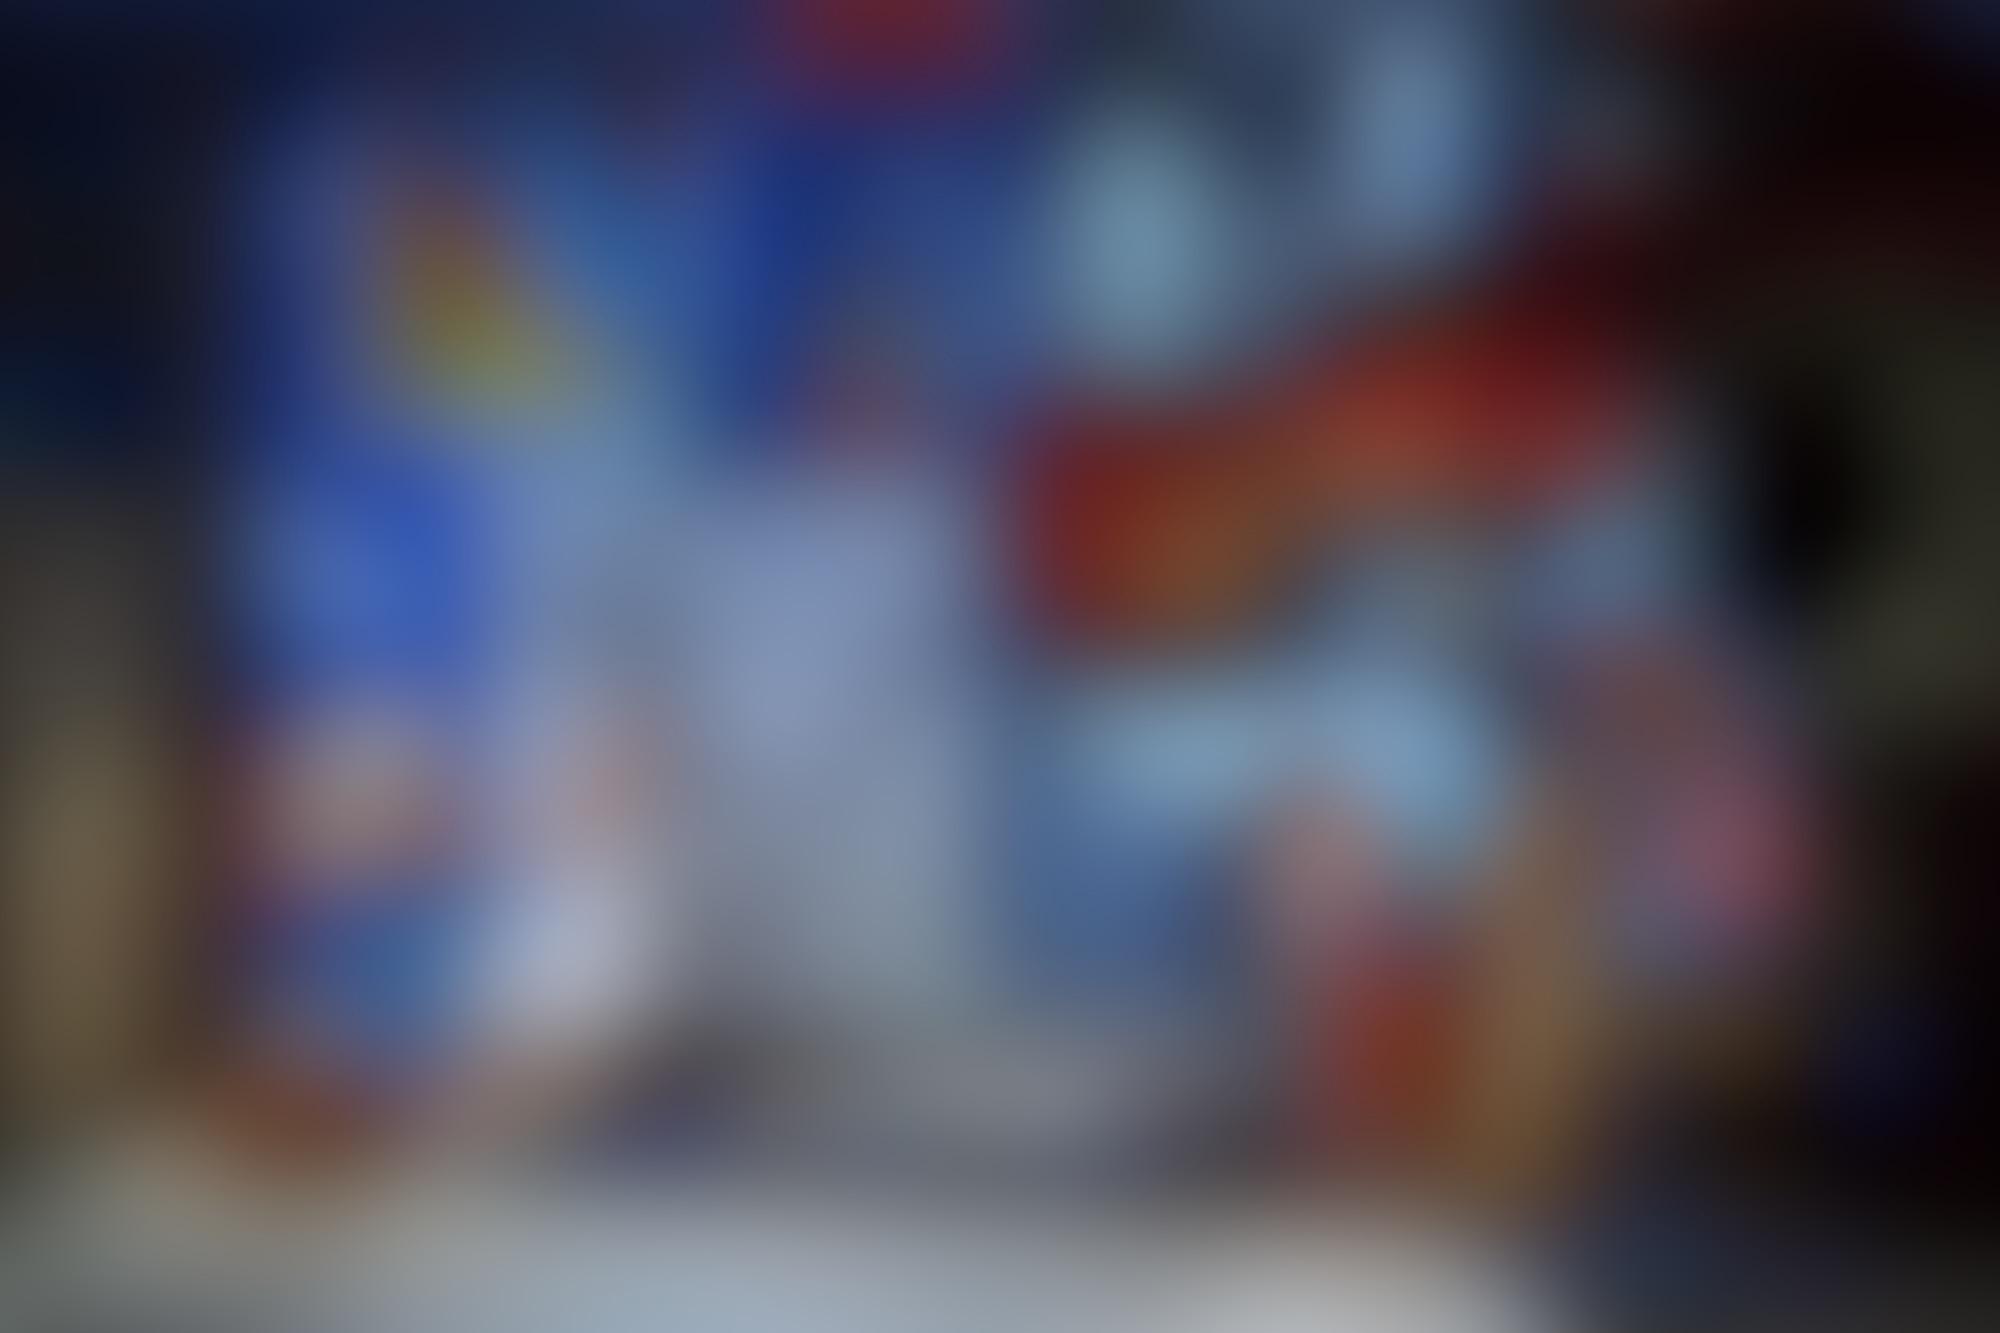 Giorgio Lorenzetti texture artist animation childhood bravery lecture in progress 02 autocompressfitresizeixlibphp 1 1 0max h2000max w3 D2000q80s44bb812a60dd0c25e55f08c05e844295